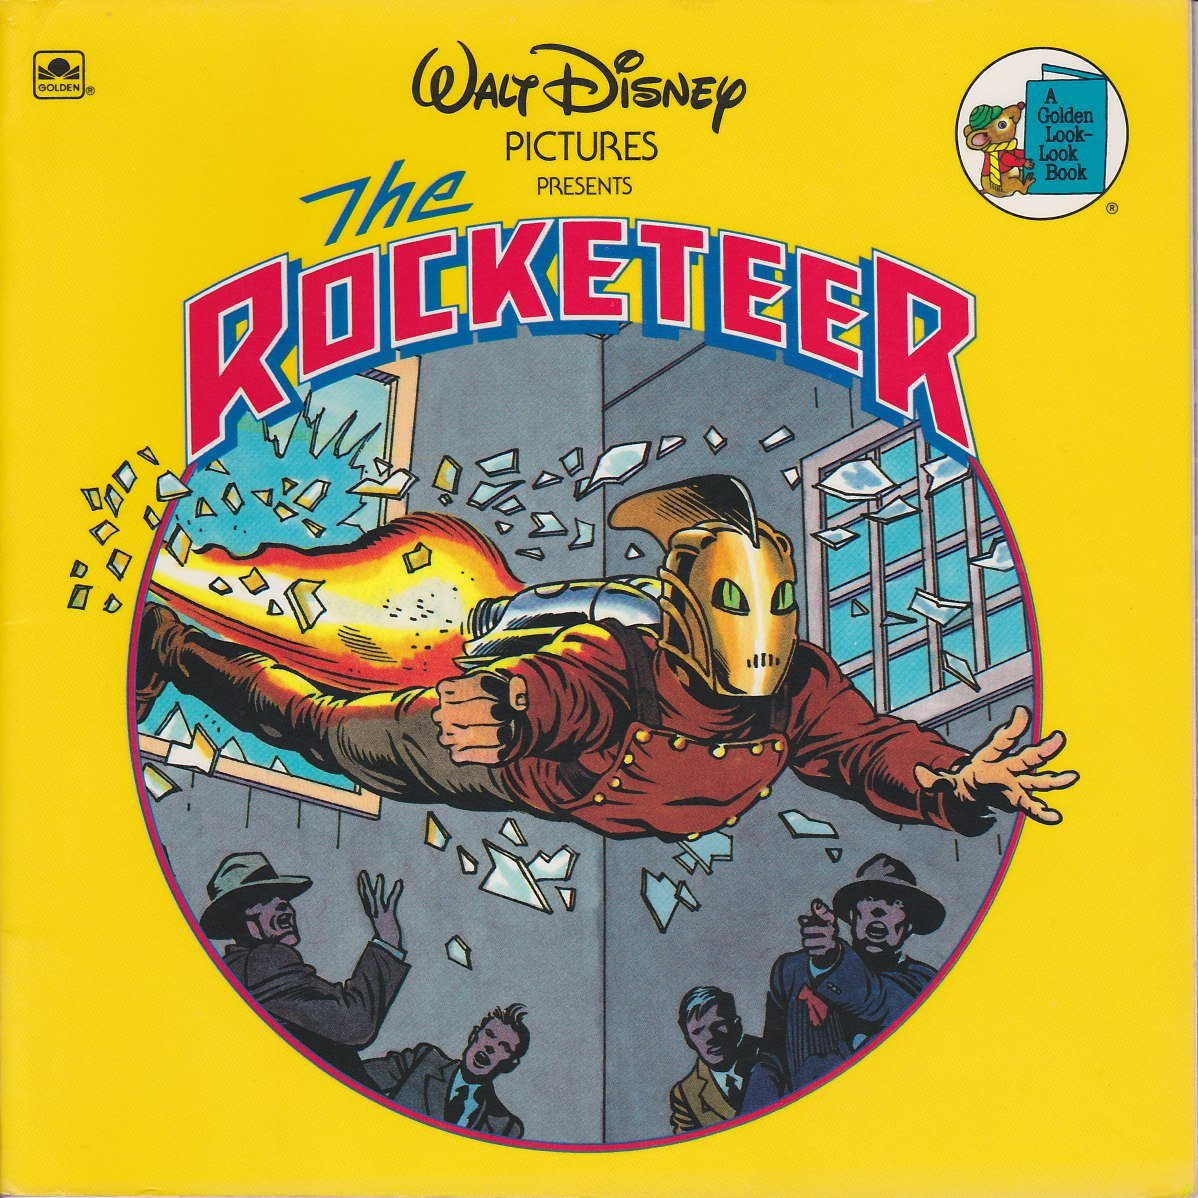 Walt Disney Pictures Presents the Rocketeer Golden Look-look Book: Amazon.es: Barbara Bazaldua, Walt Disney Pictures, Dell Barras: Libros en idiomas extranjeros